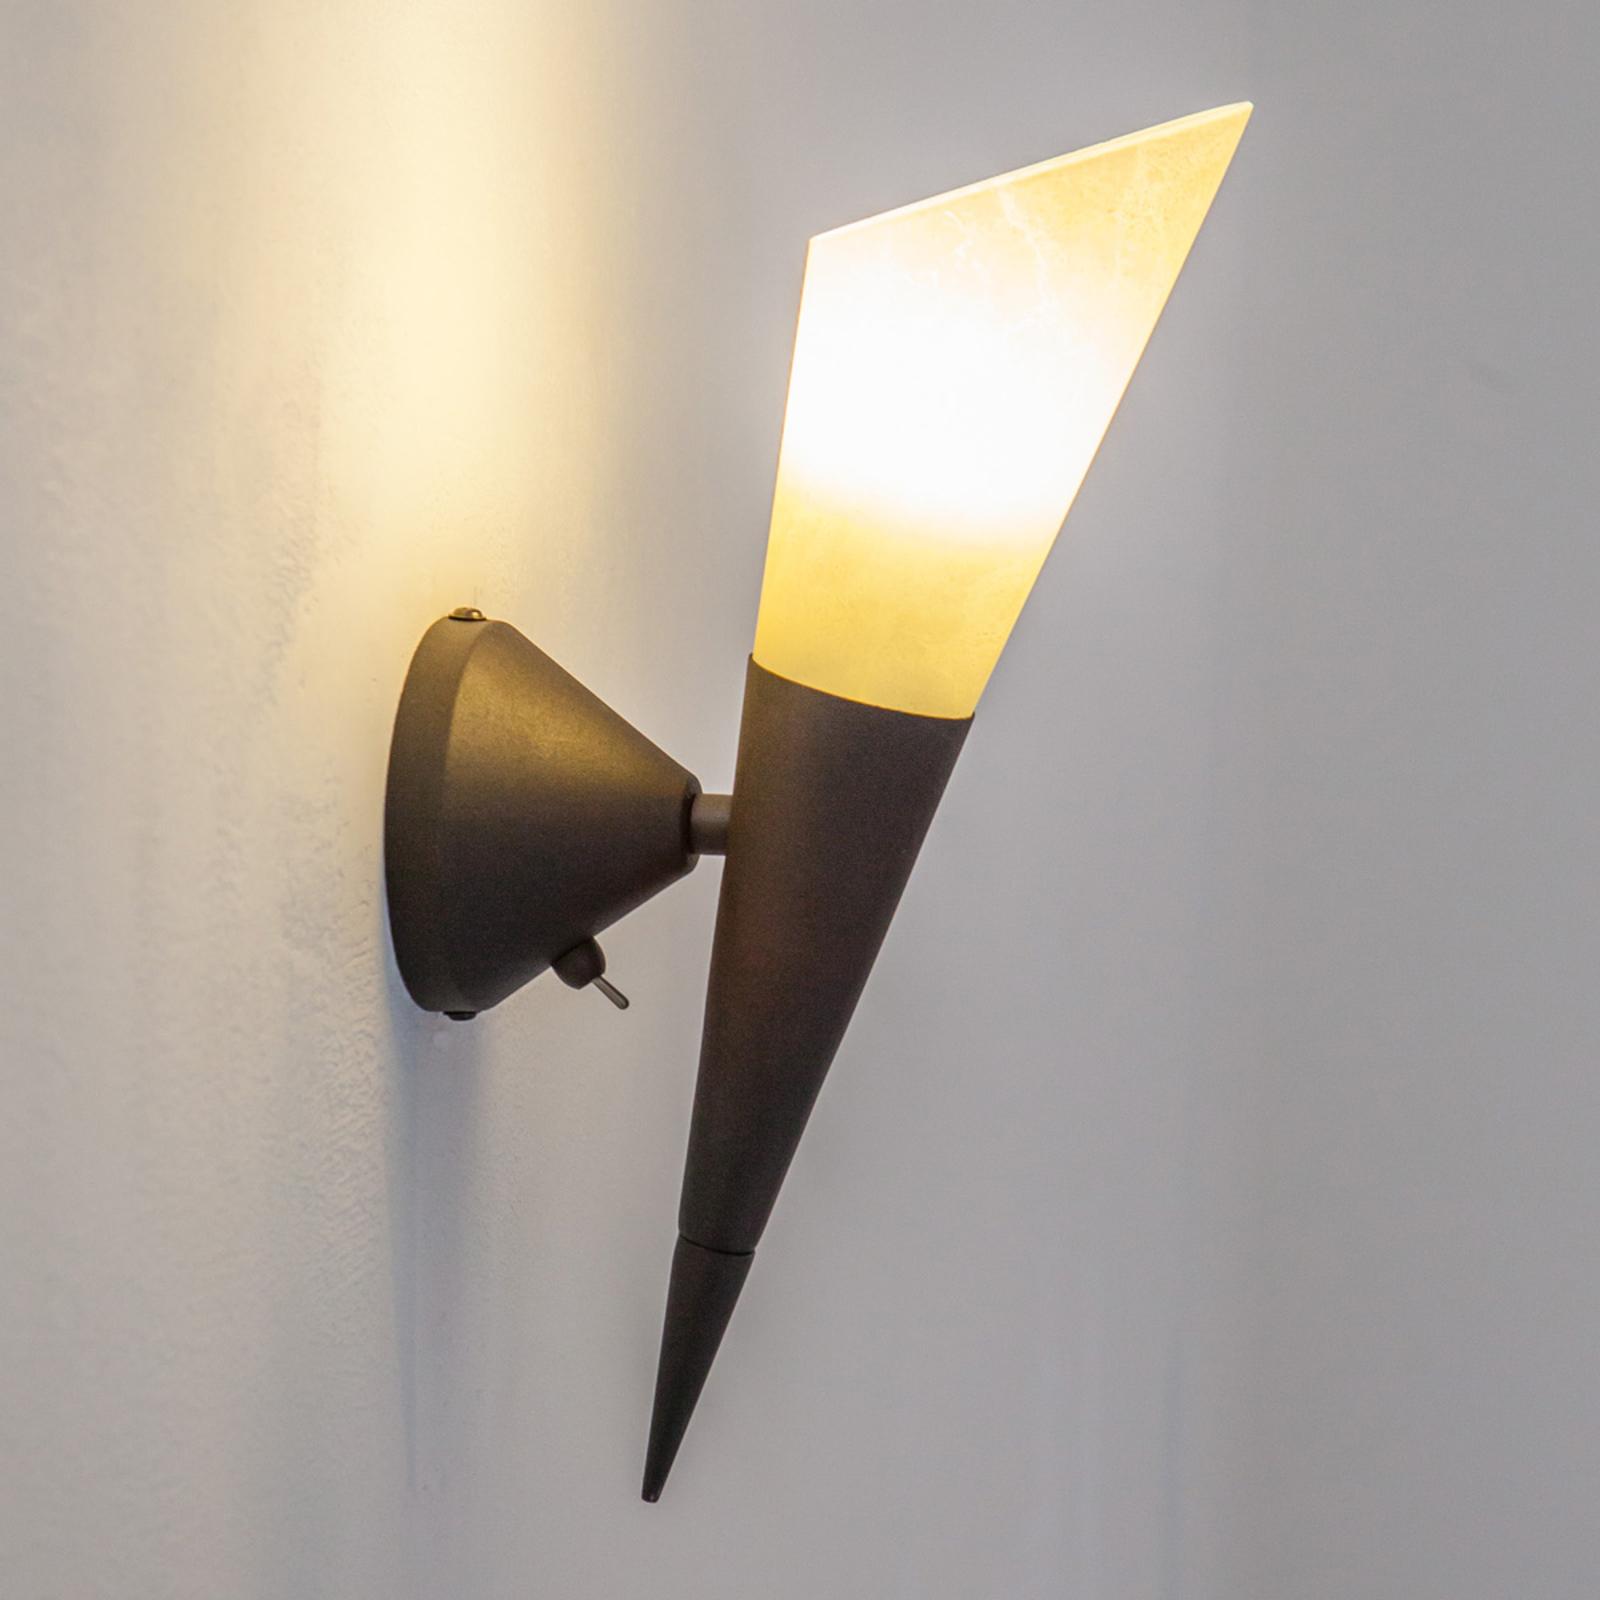 Wandleuchte Alva mit E14-LED-Lampe